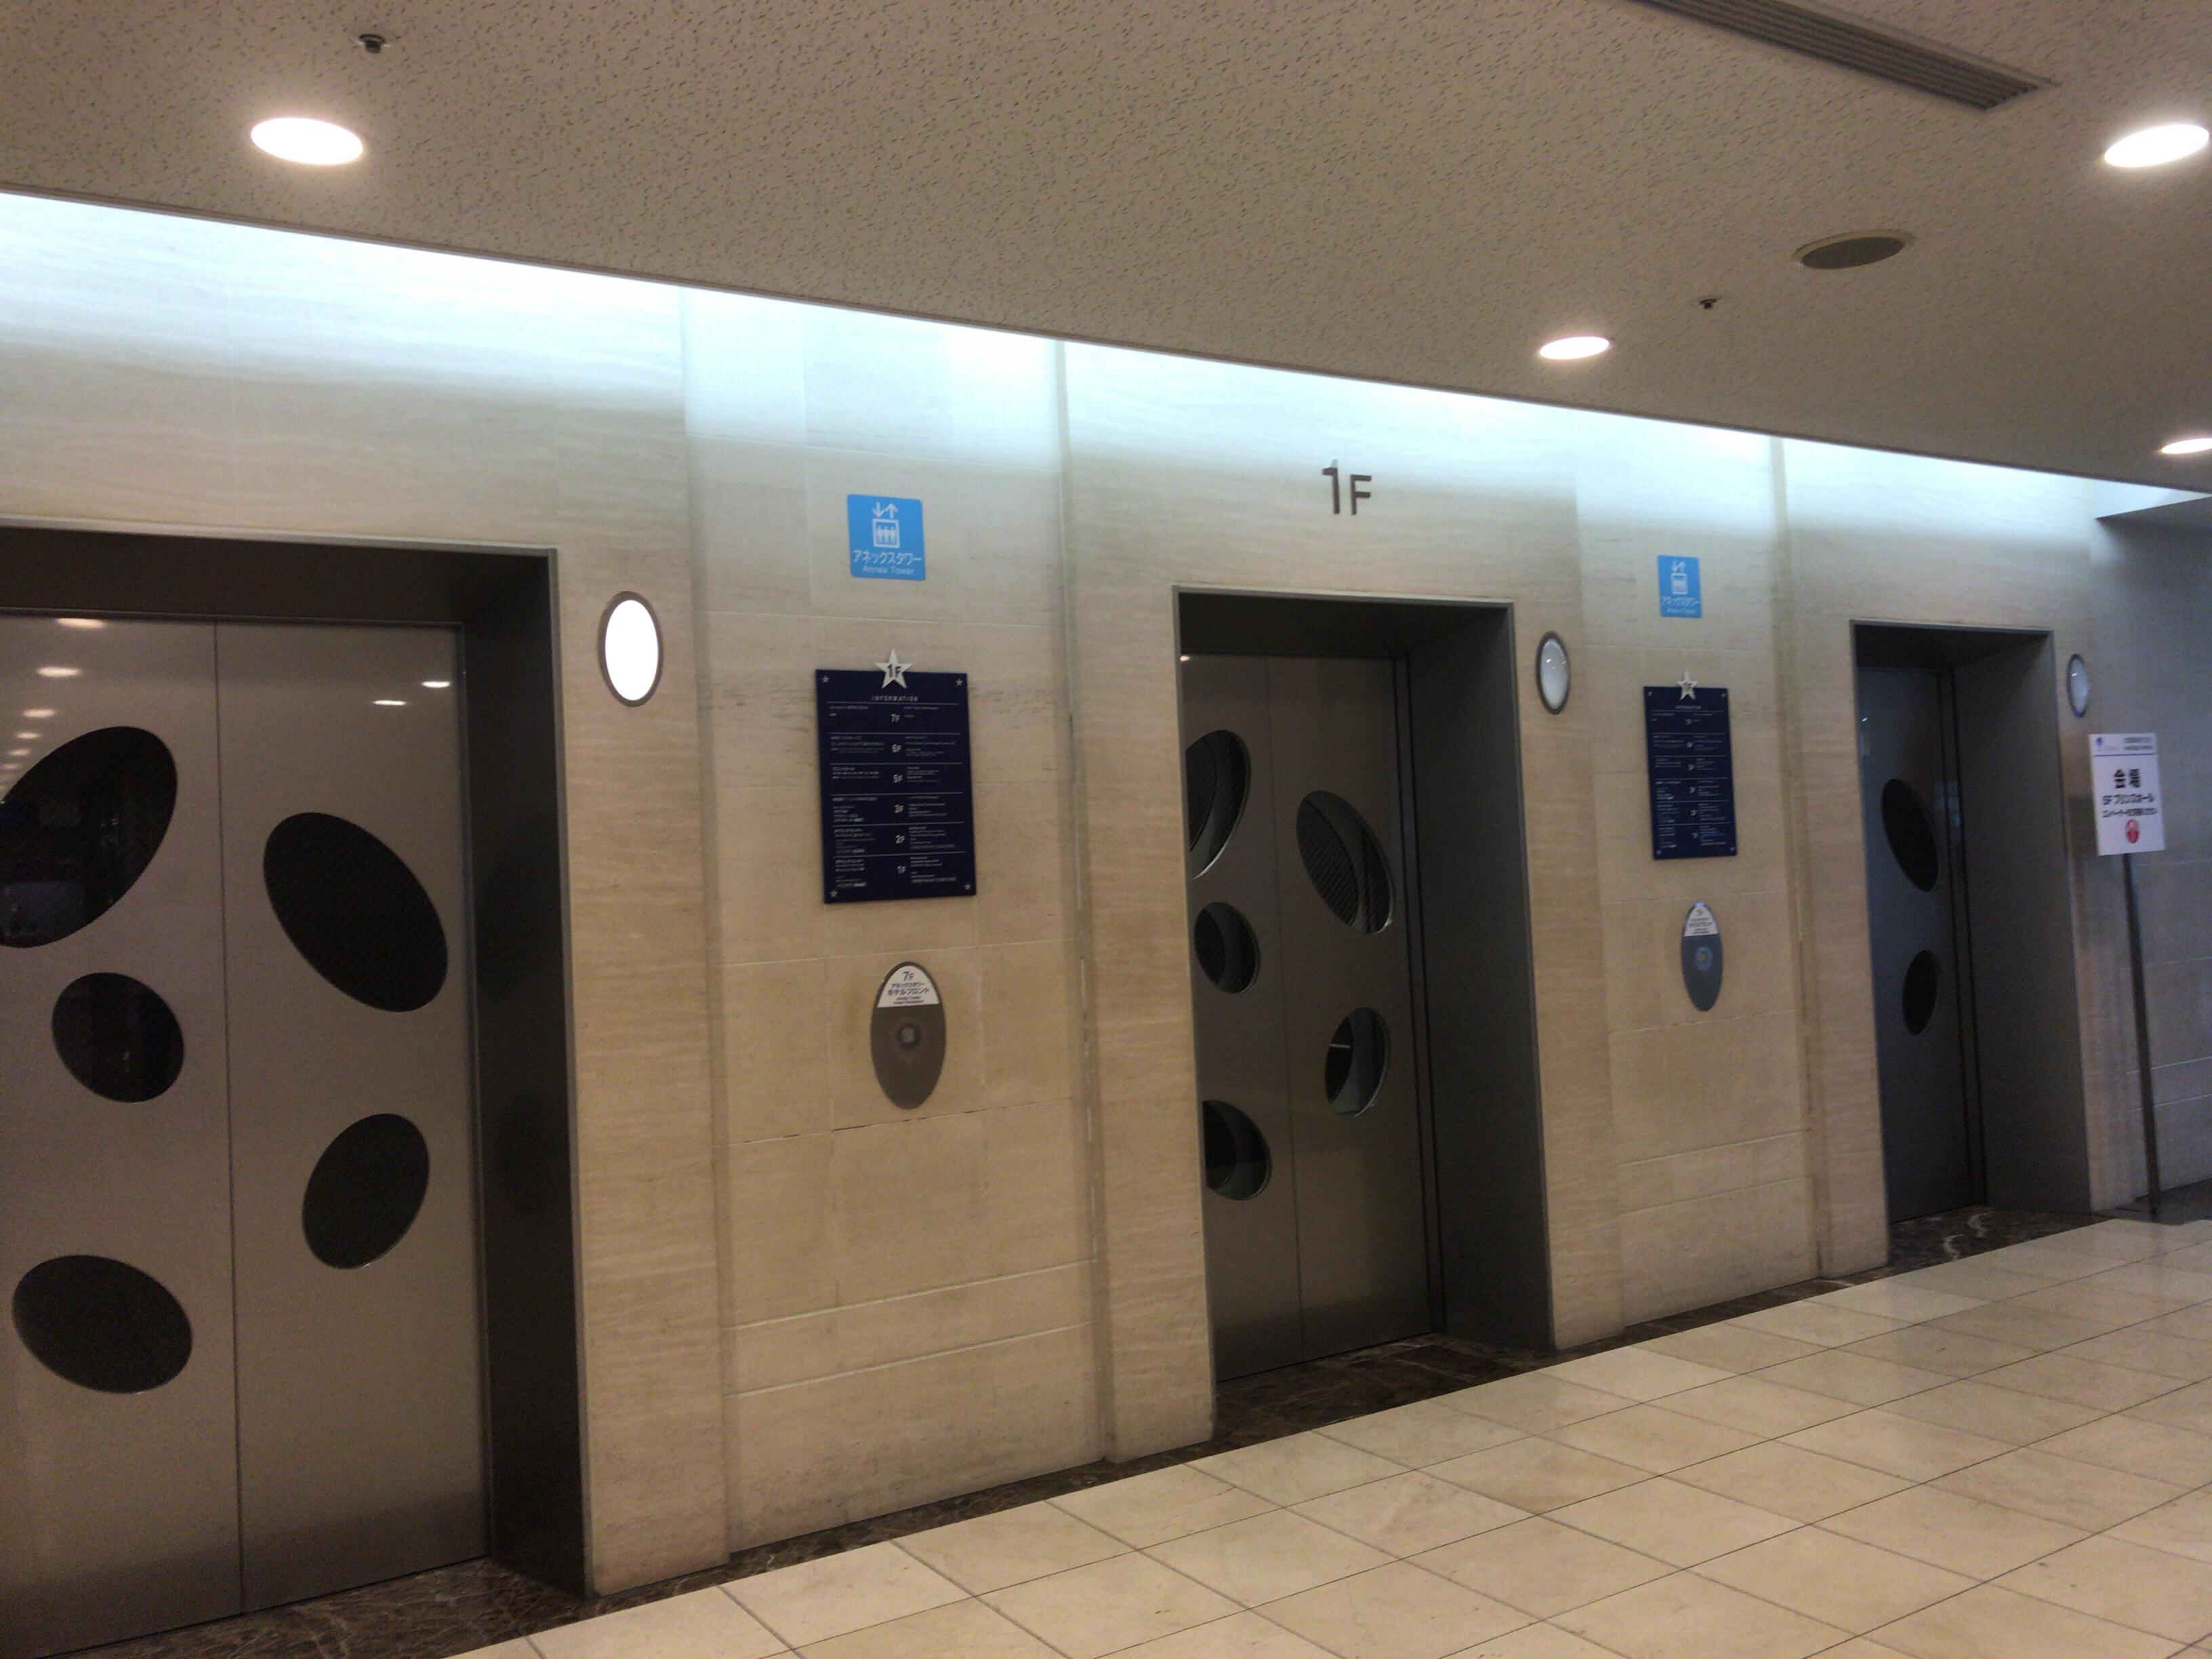 3基あるので、割とすぐ来てくれます。エレベーターの場所は一か所なので、アネックスタワーに入ったら、表示に従ってエレベーターを目指せばOKです。なお、徒歩の方は、エスカレーターがあるので、エスカレーターで3Fまで上がって下さい。